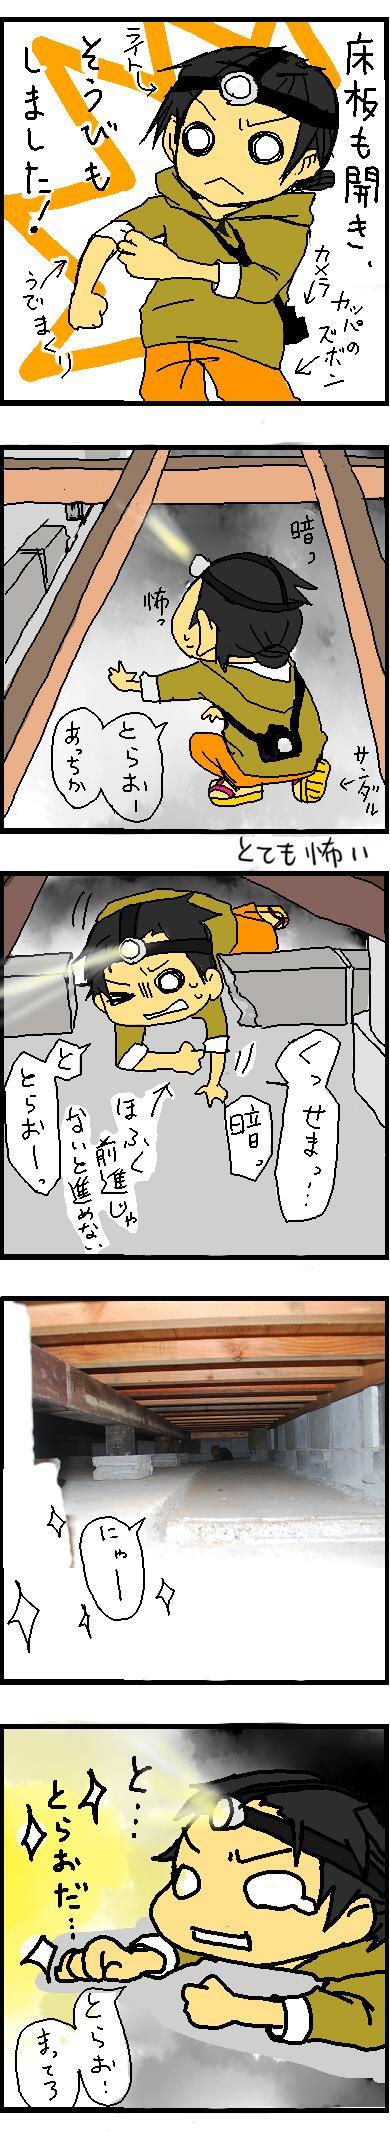 床下捜査1